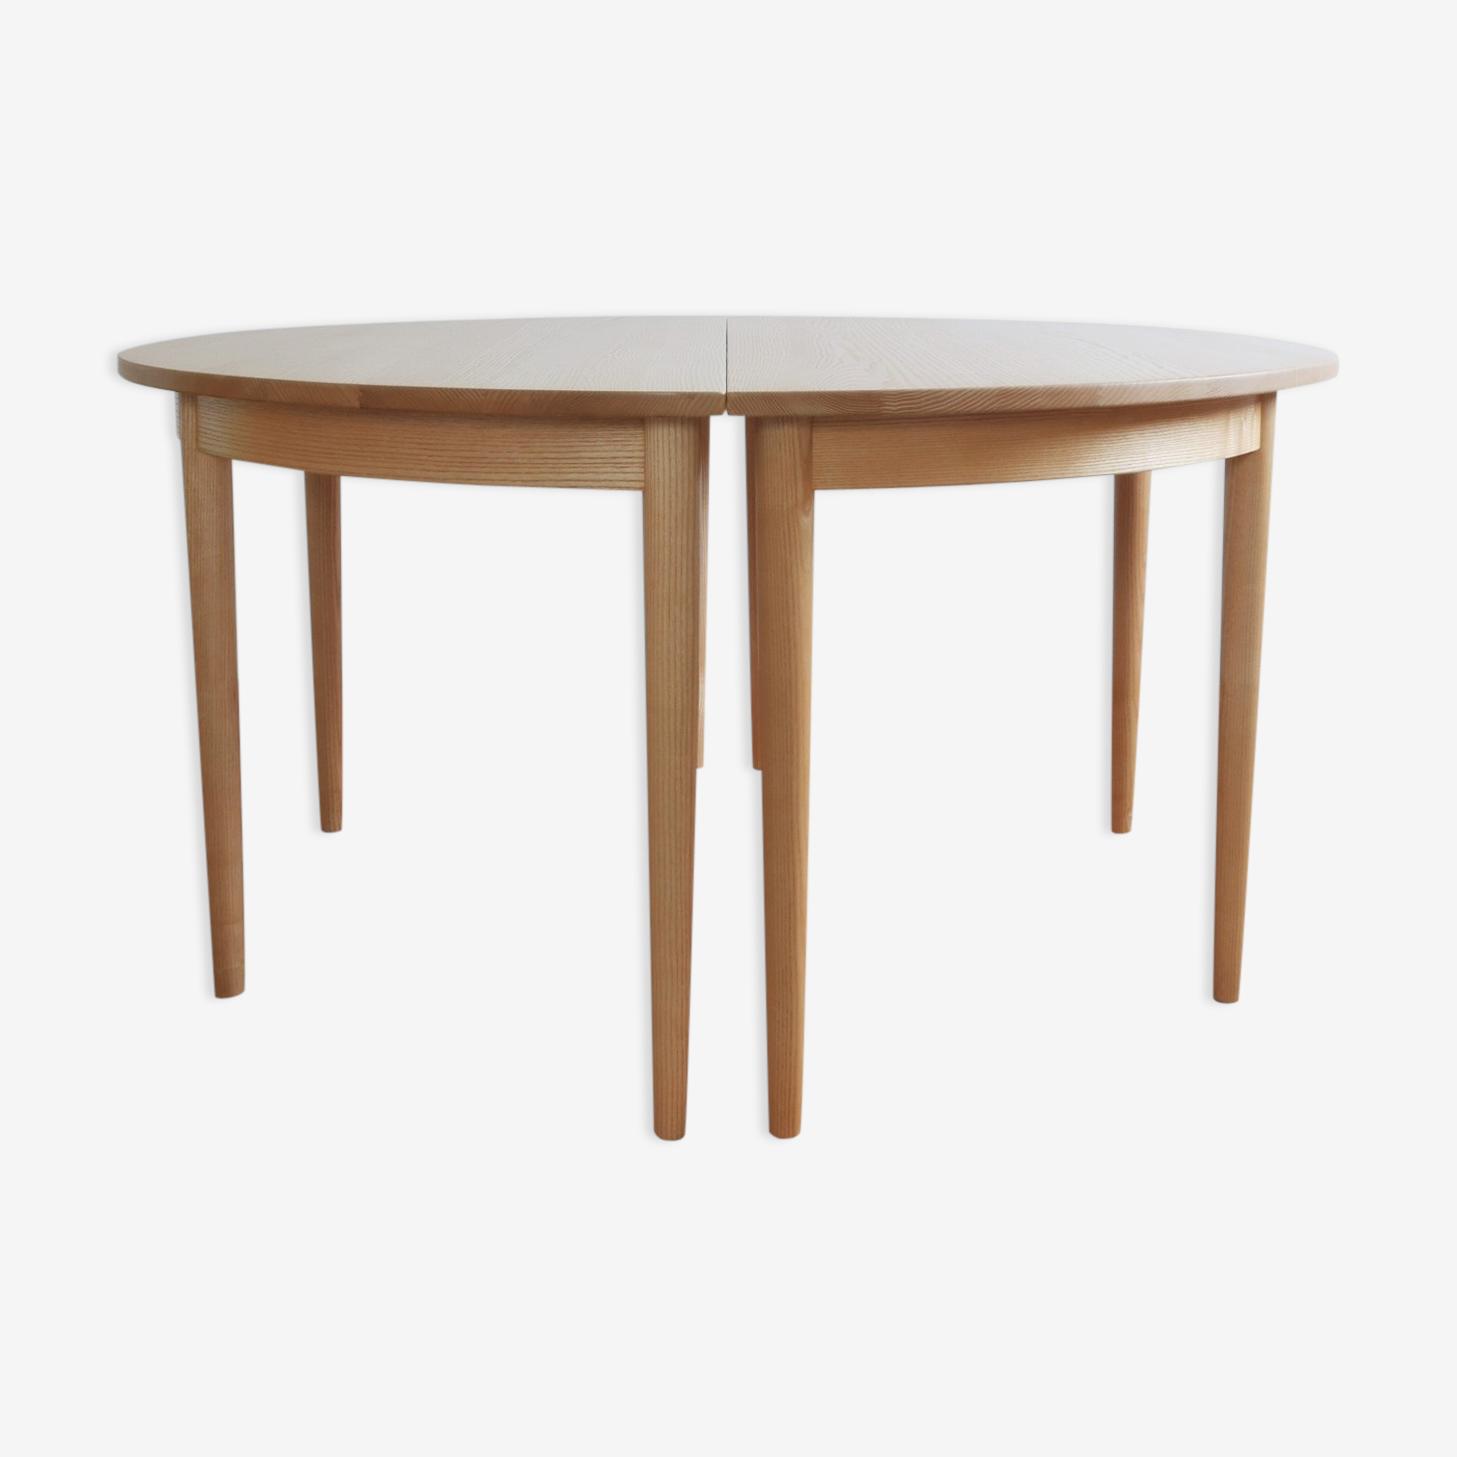 Double tables par H.J. Wegner pour PP Møbler, des années 1970